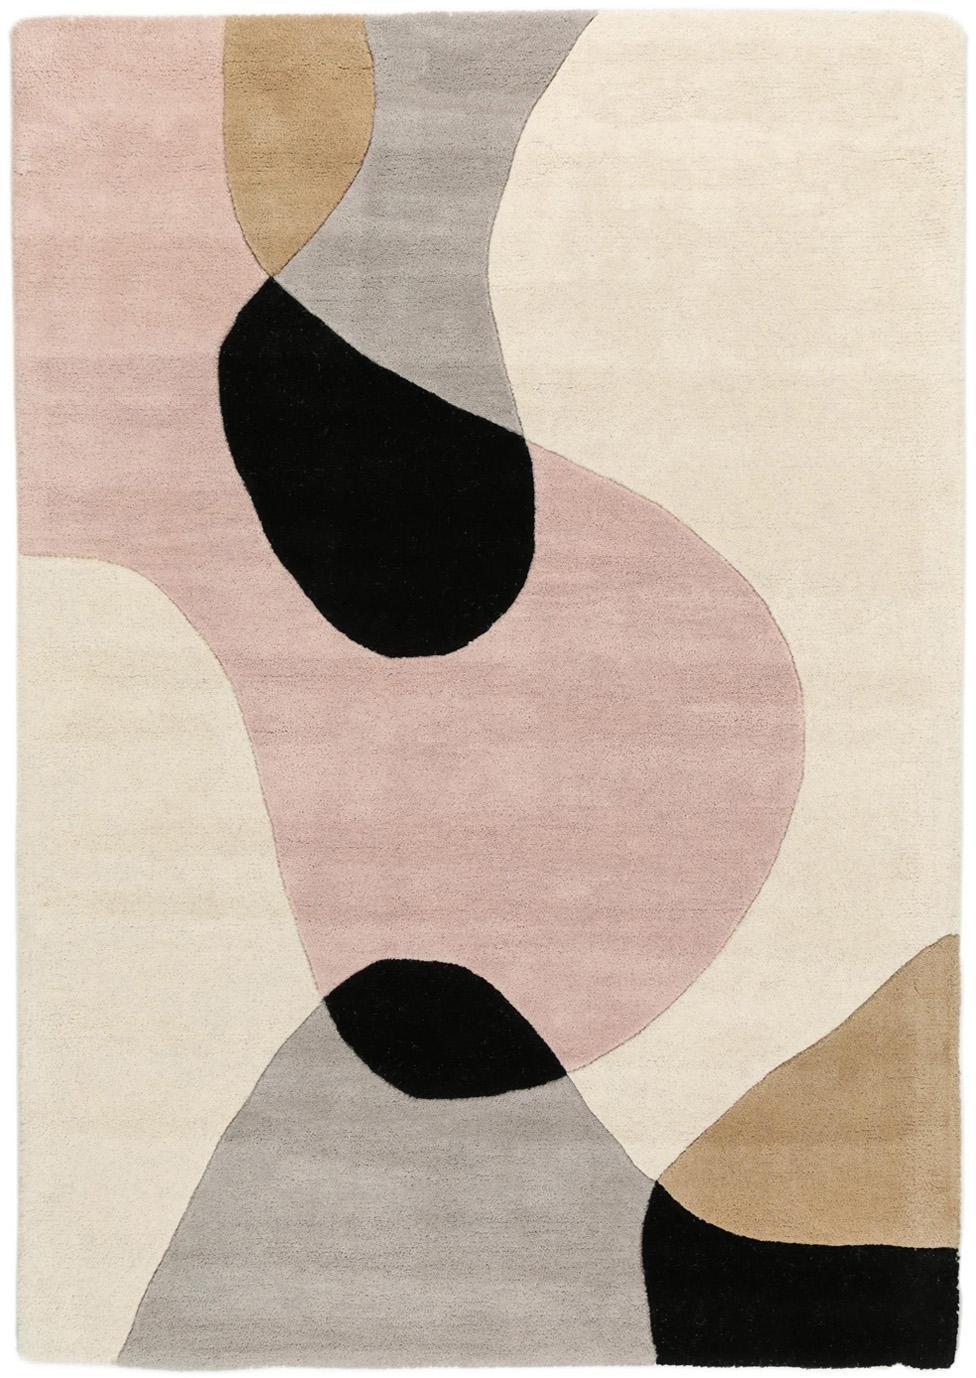 Handgetuft wollen vloerkleed Matrix Arc met geometrisch patroon, Bovenzijde: 100% wol, Onderzijde: katoen, Beigetinten, roze, lichtgrijs, zwart, B 120 x L 170 cm (maat S)